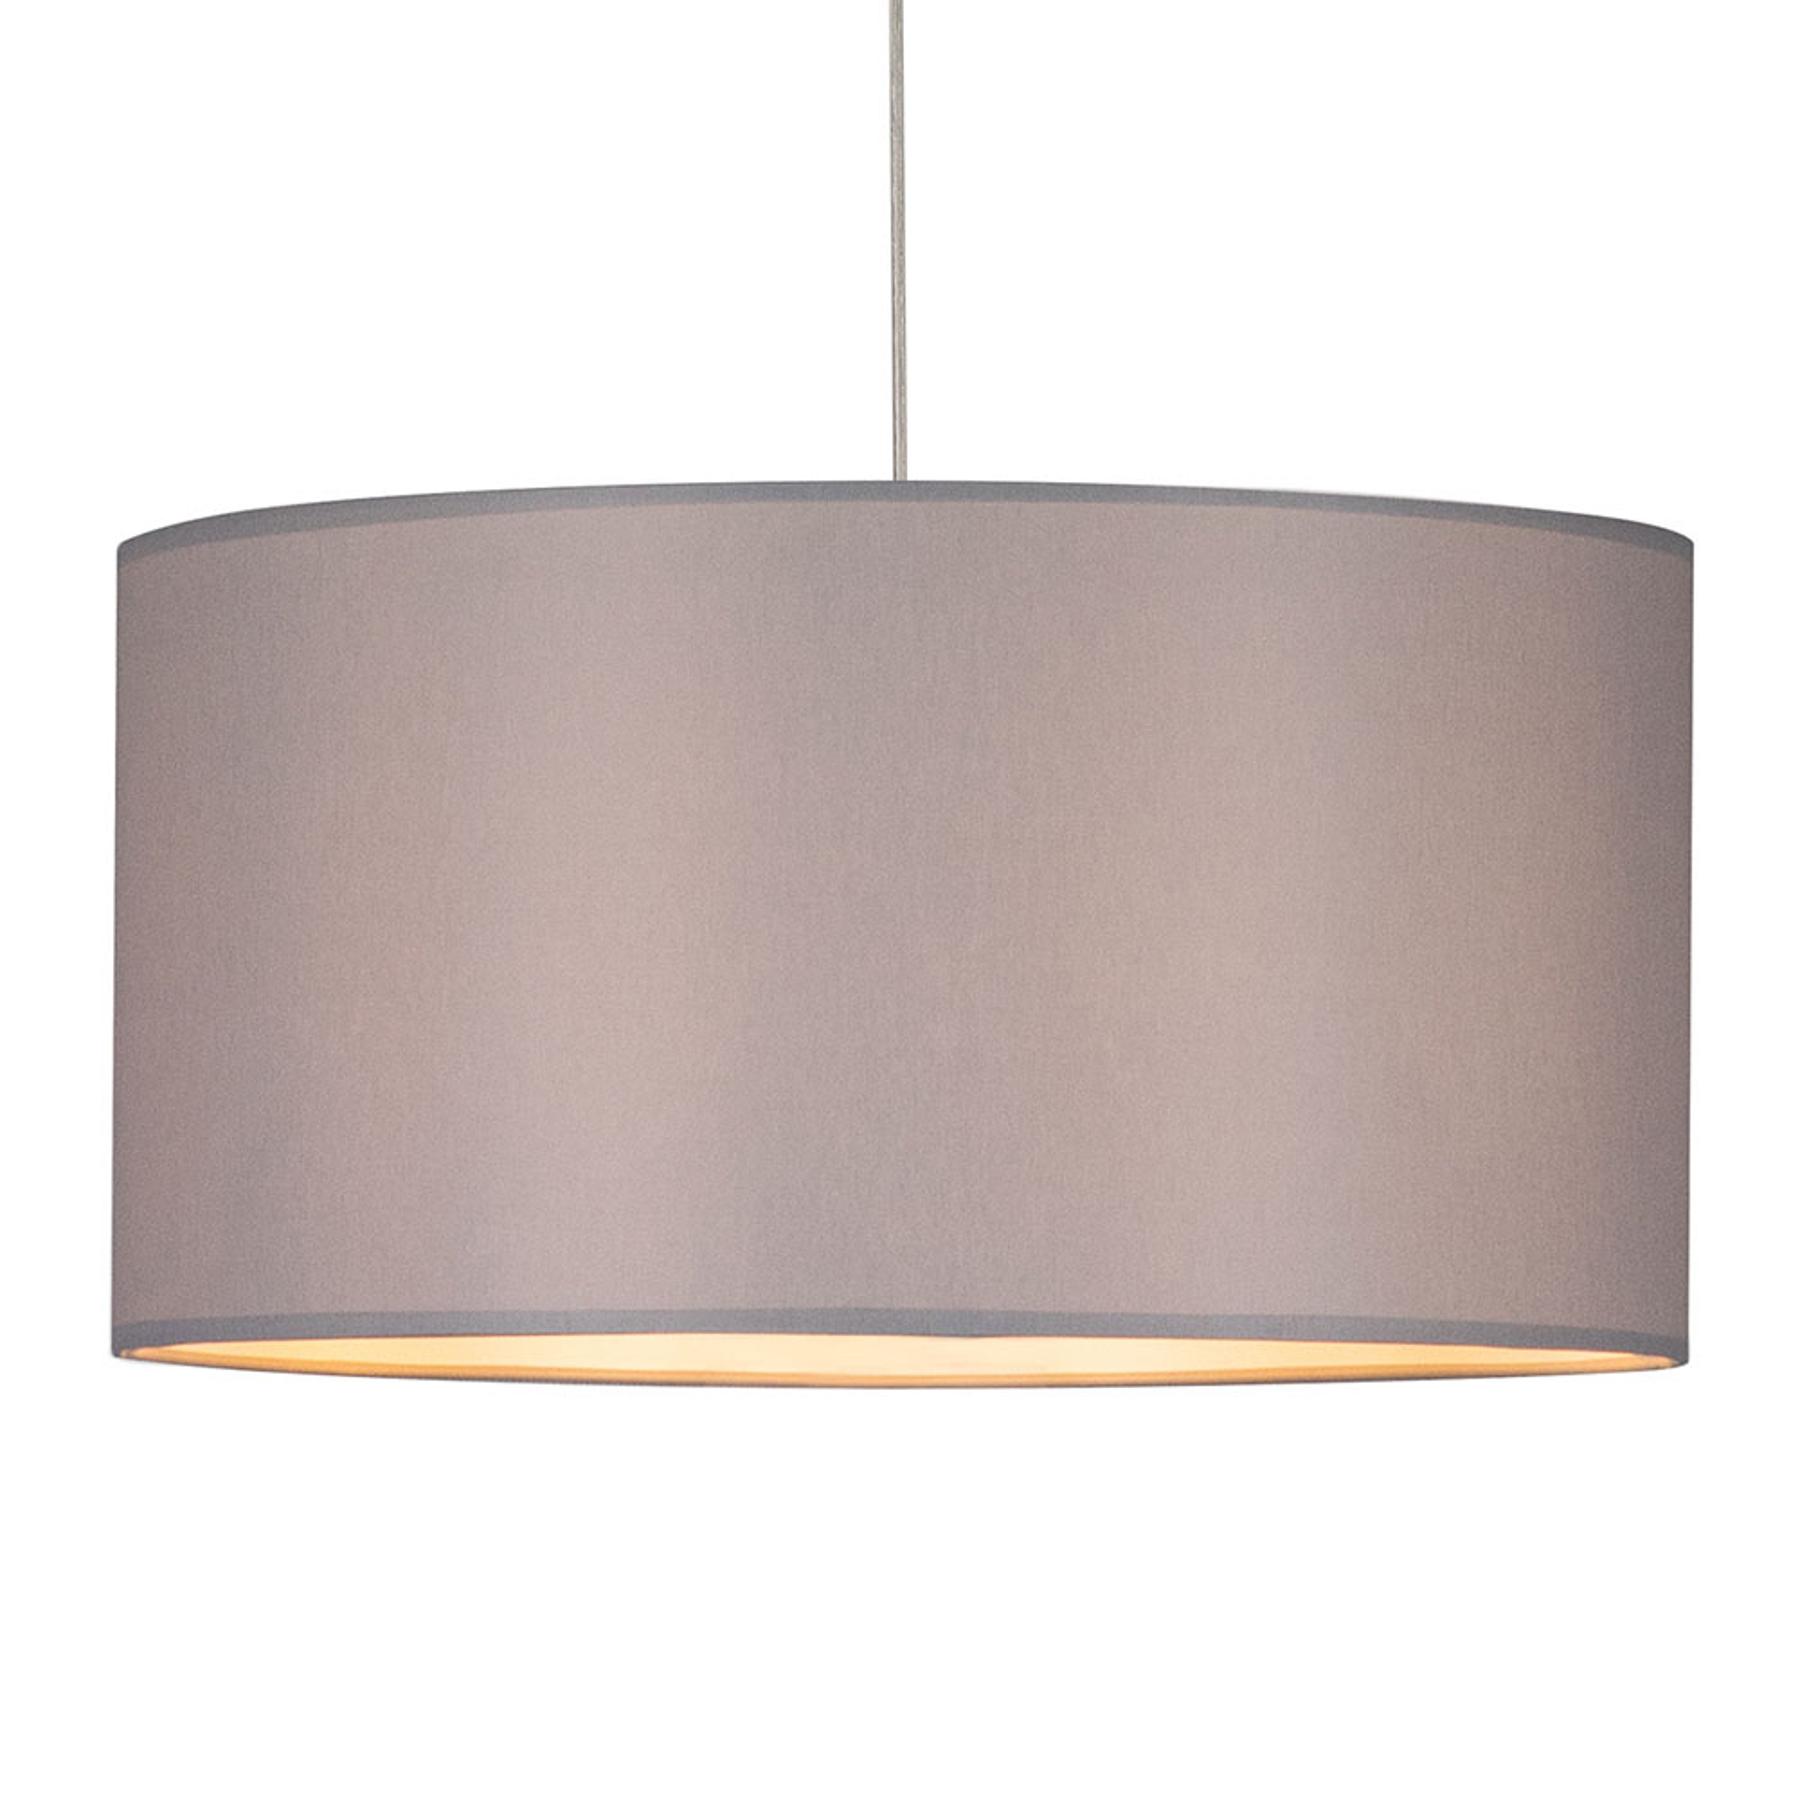 Hanglamp Corralee, grijs, 1-lamp